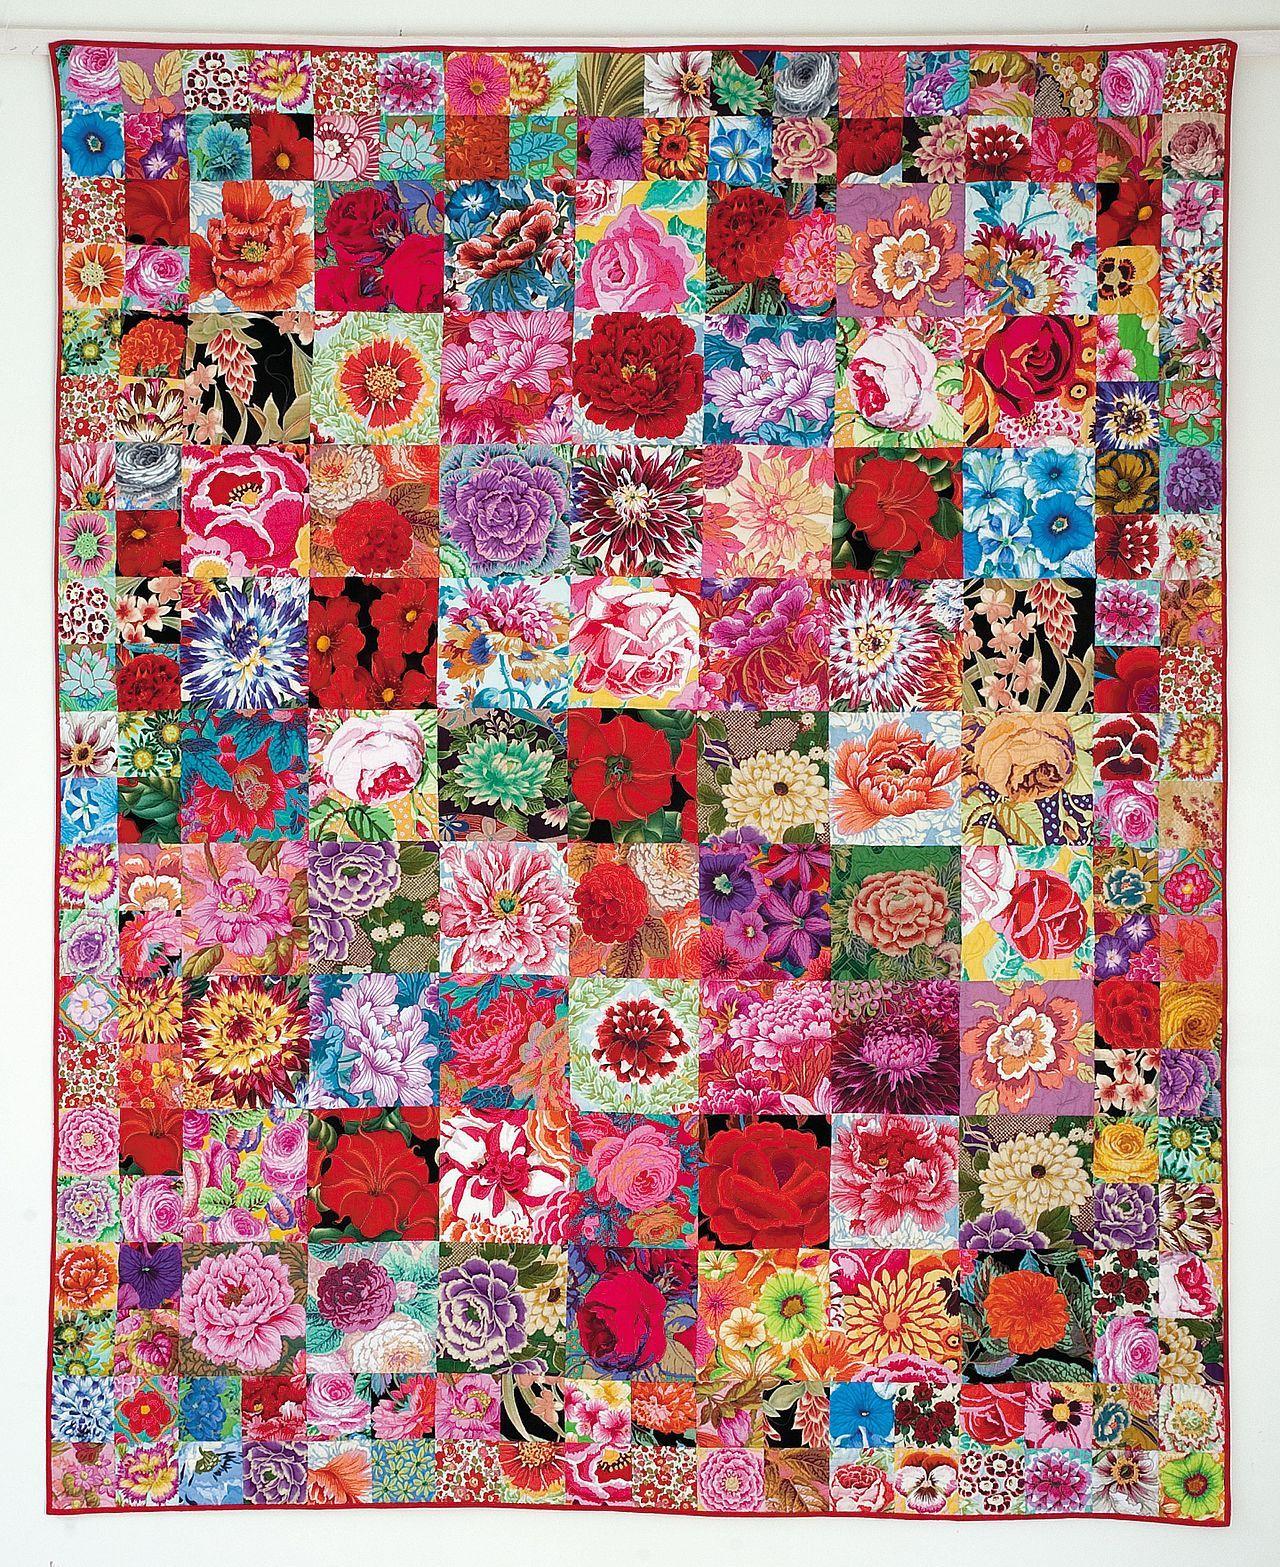 Seed Packet Quilt Kaffe Fassett Flower Quilts Kaffe Fassett Quilts Quilts